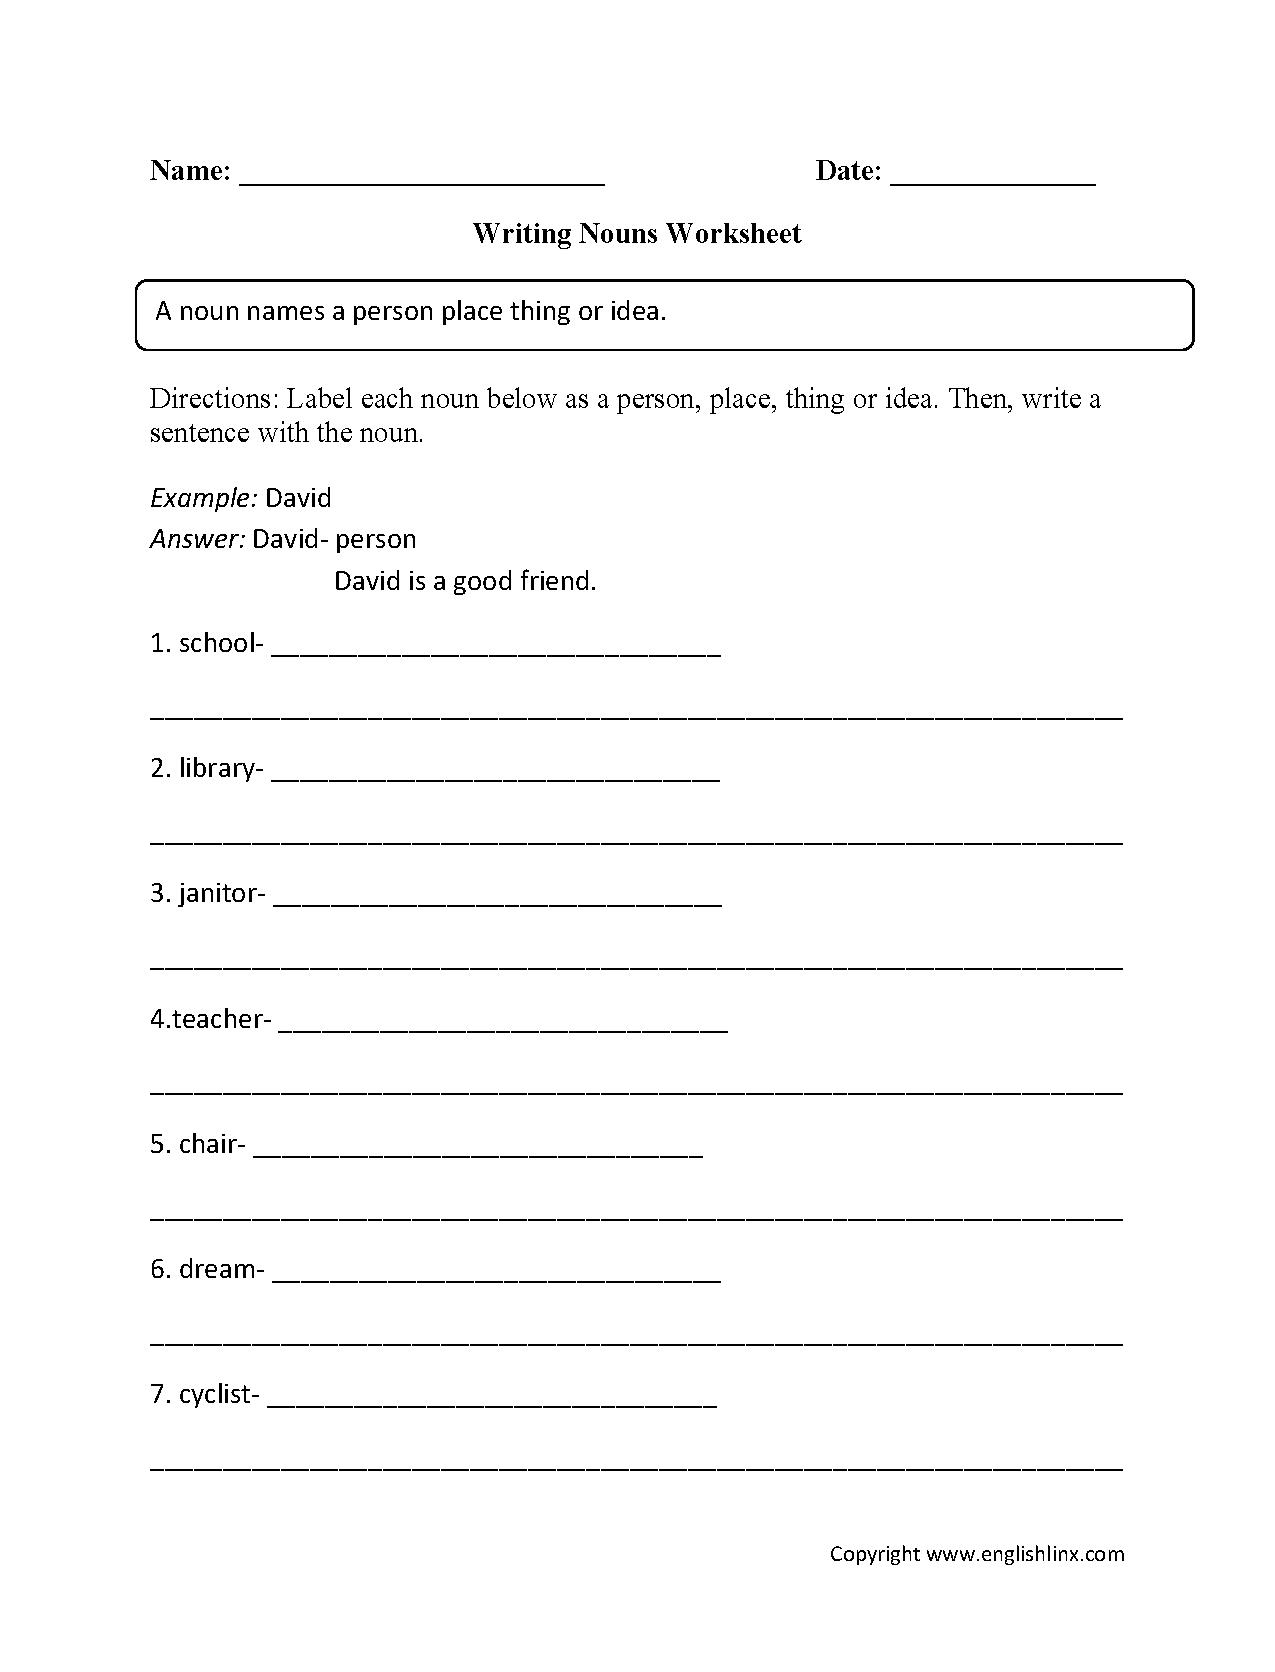 Writing Nouns Worksheet